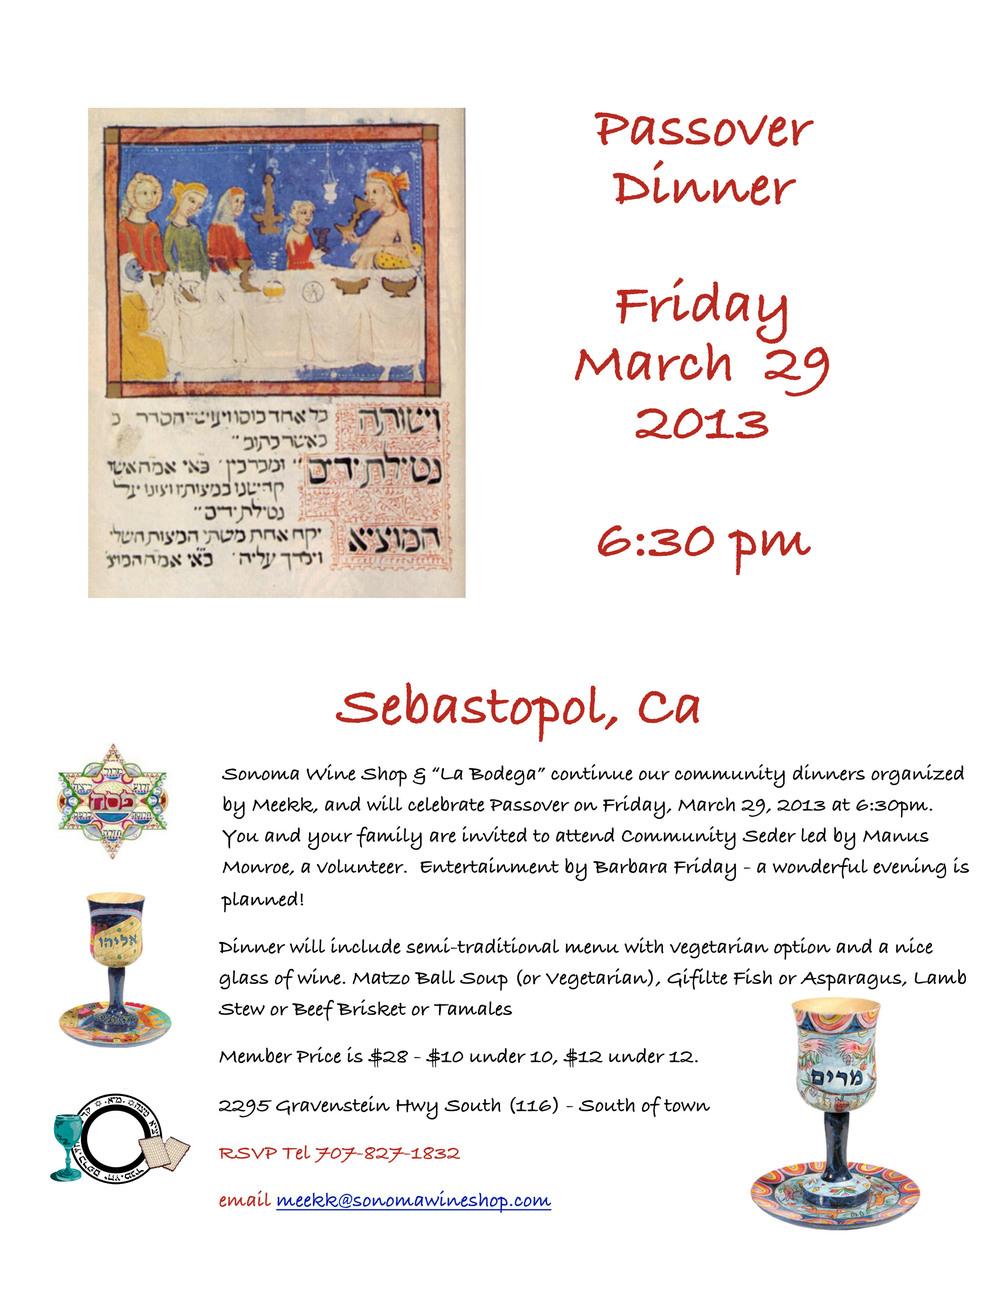 passover dinner flyer 2013.jpg